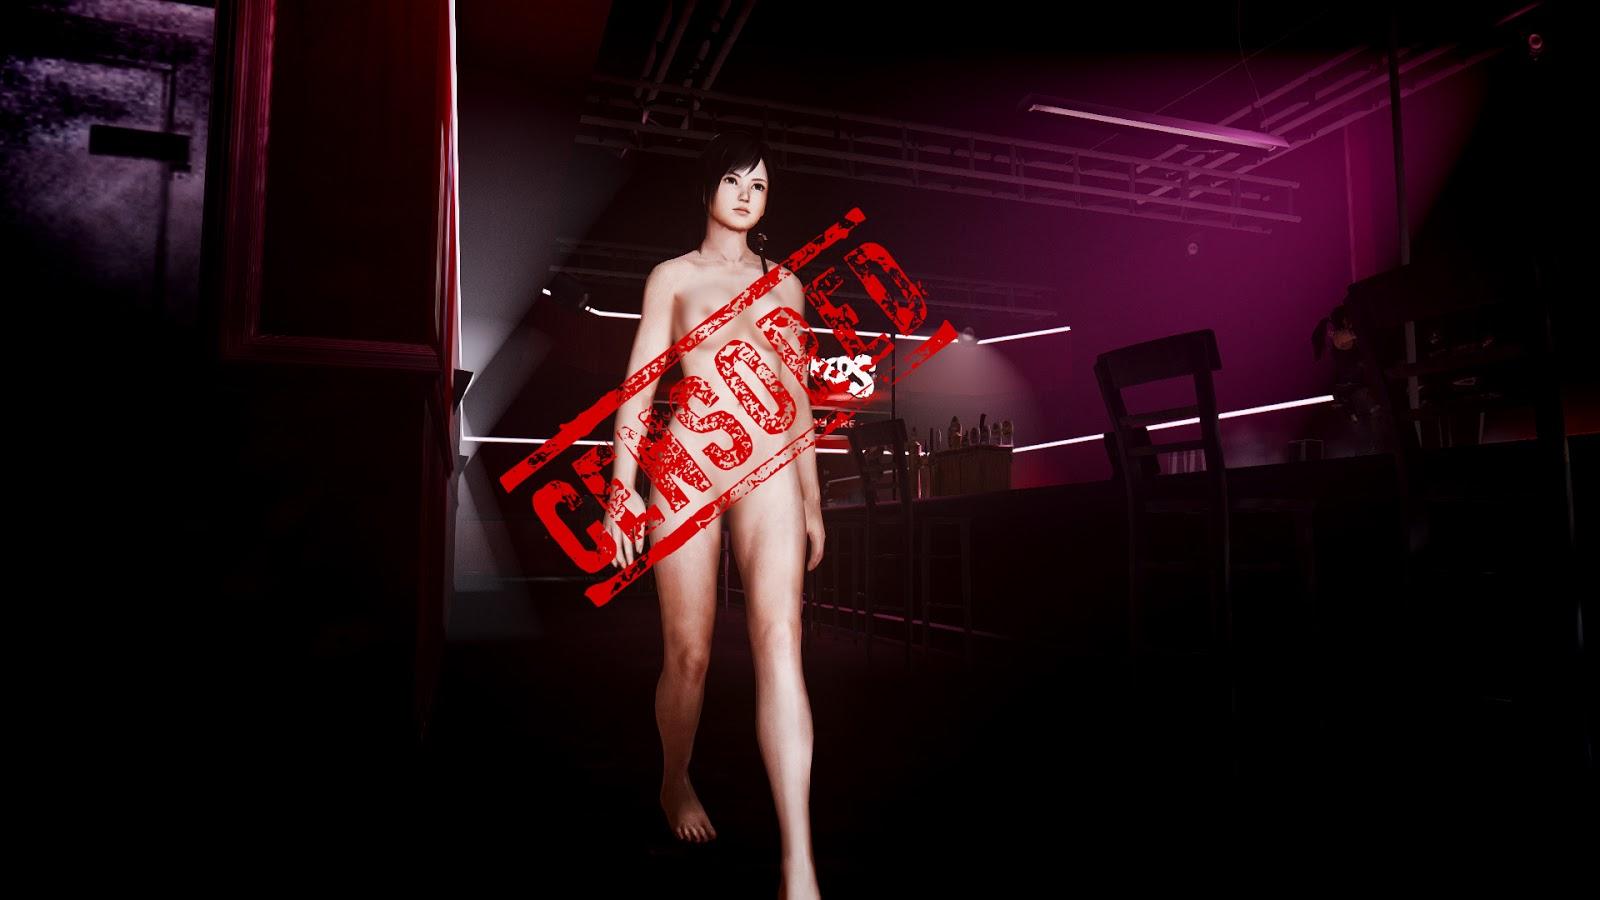 Gta iv Nacktheit volle Muschi — foto 15